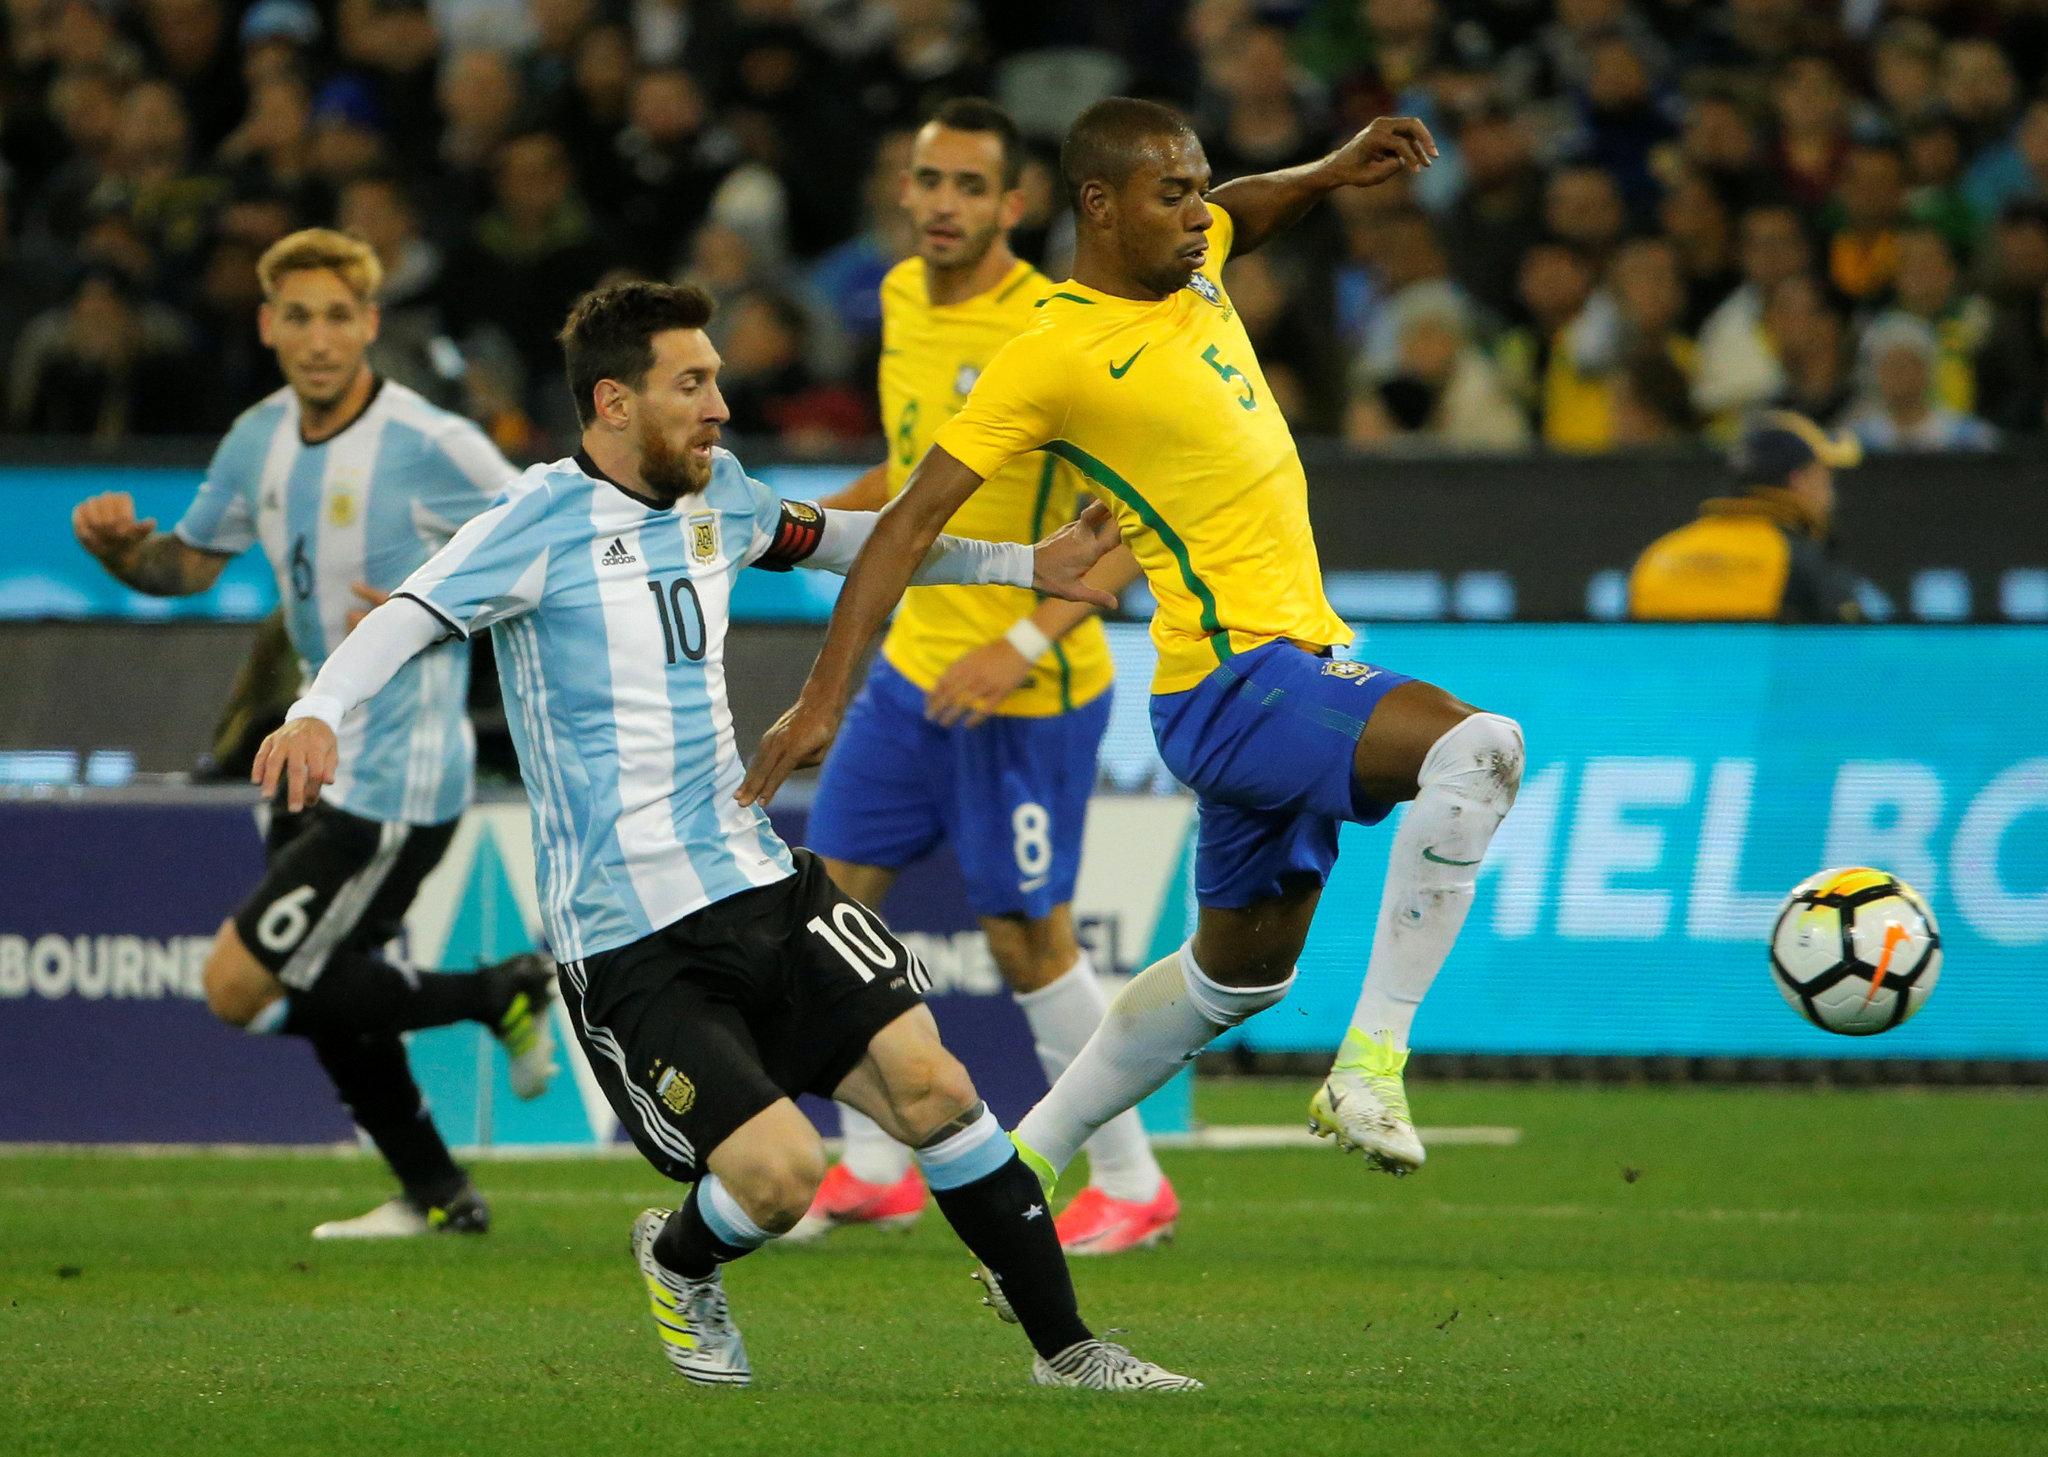 بازگشت مسی به تیم ملی آرژانتین برای دیدار مقابل برزیل